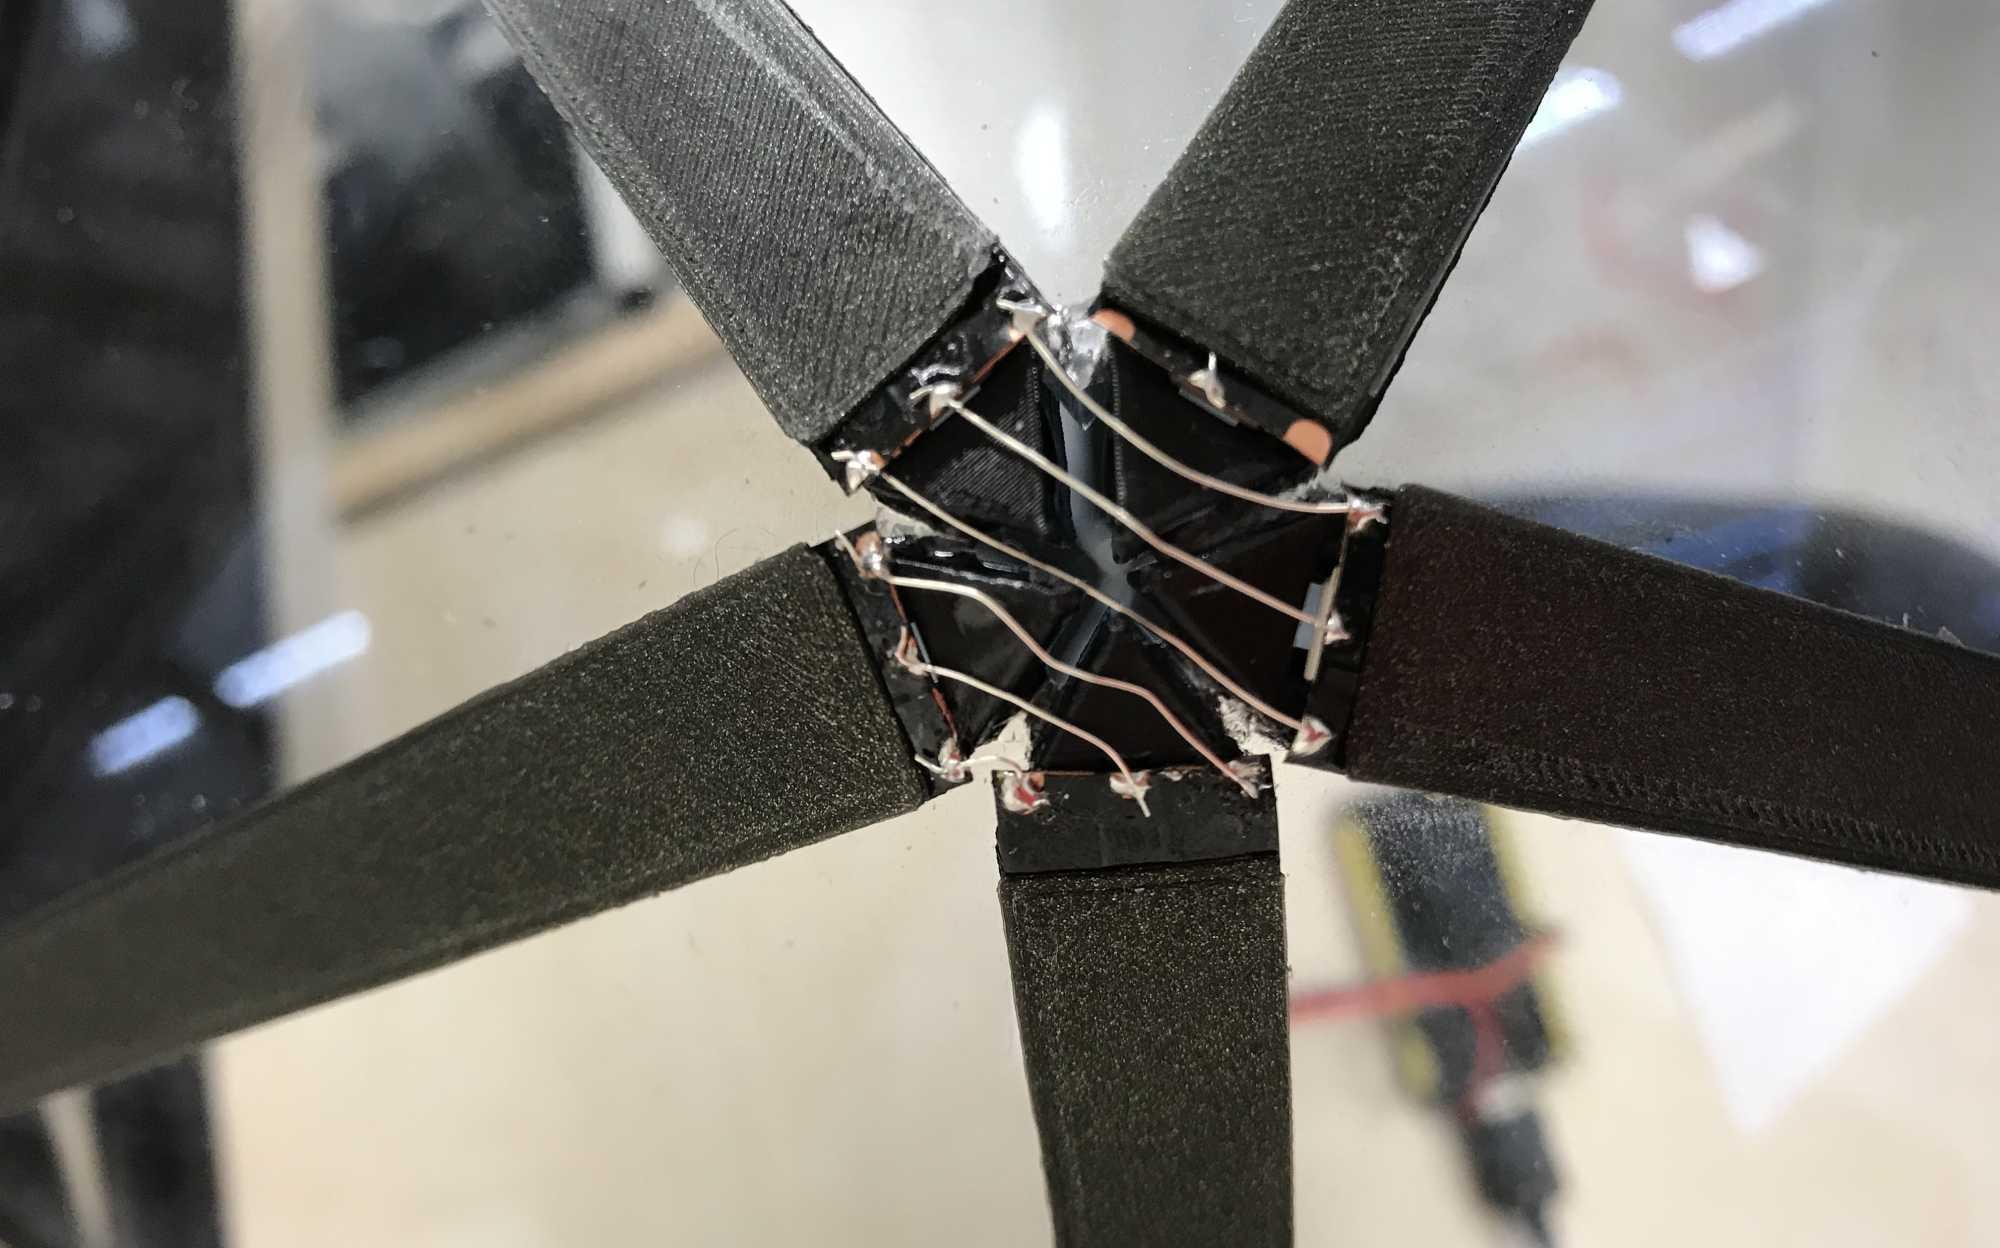 Fünf 3D-gedruckte Streifen treffen aufeinander, darüber ragen Drahtstreifen.